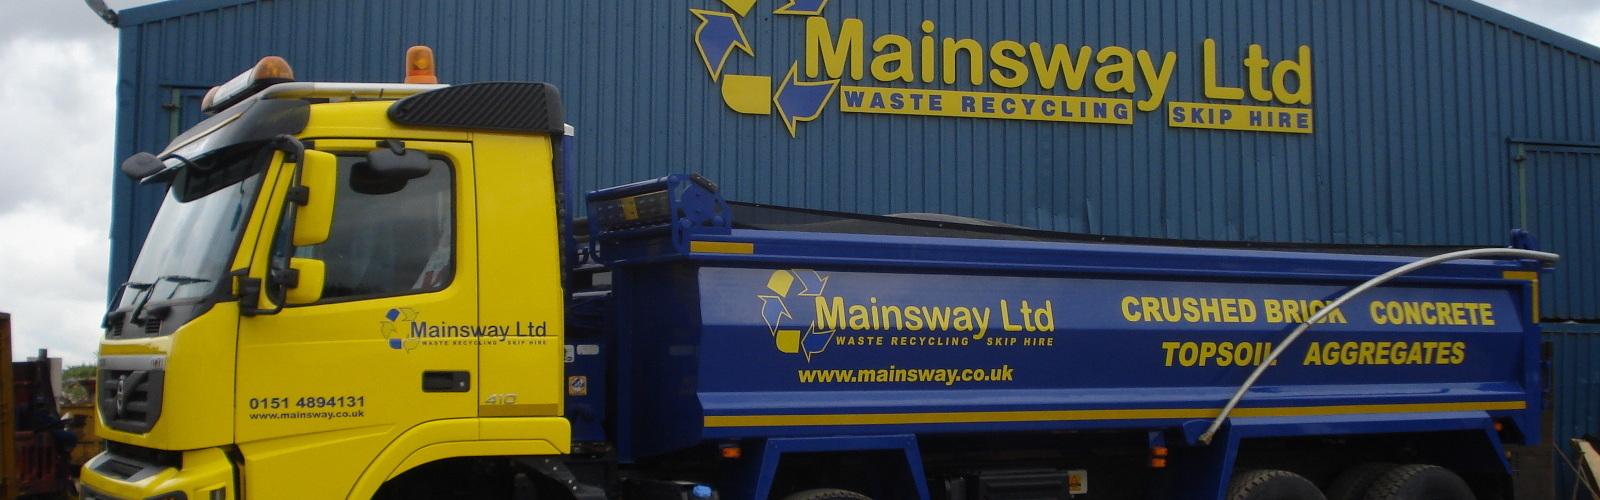 Mainsway